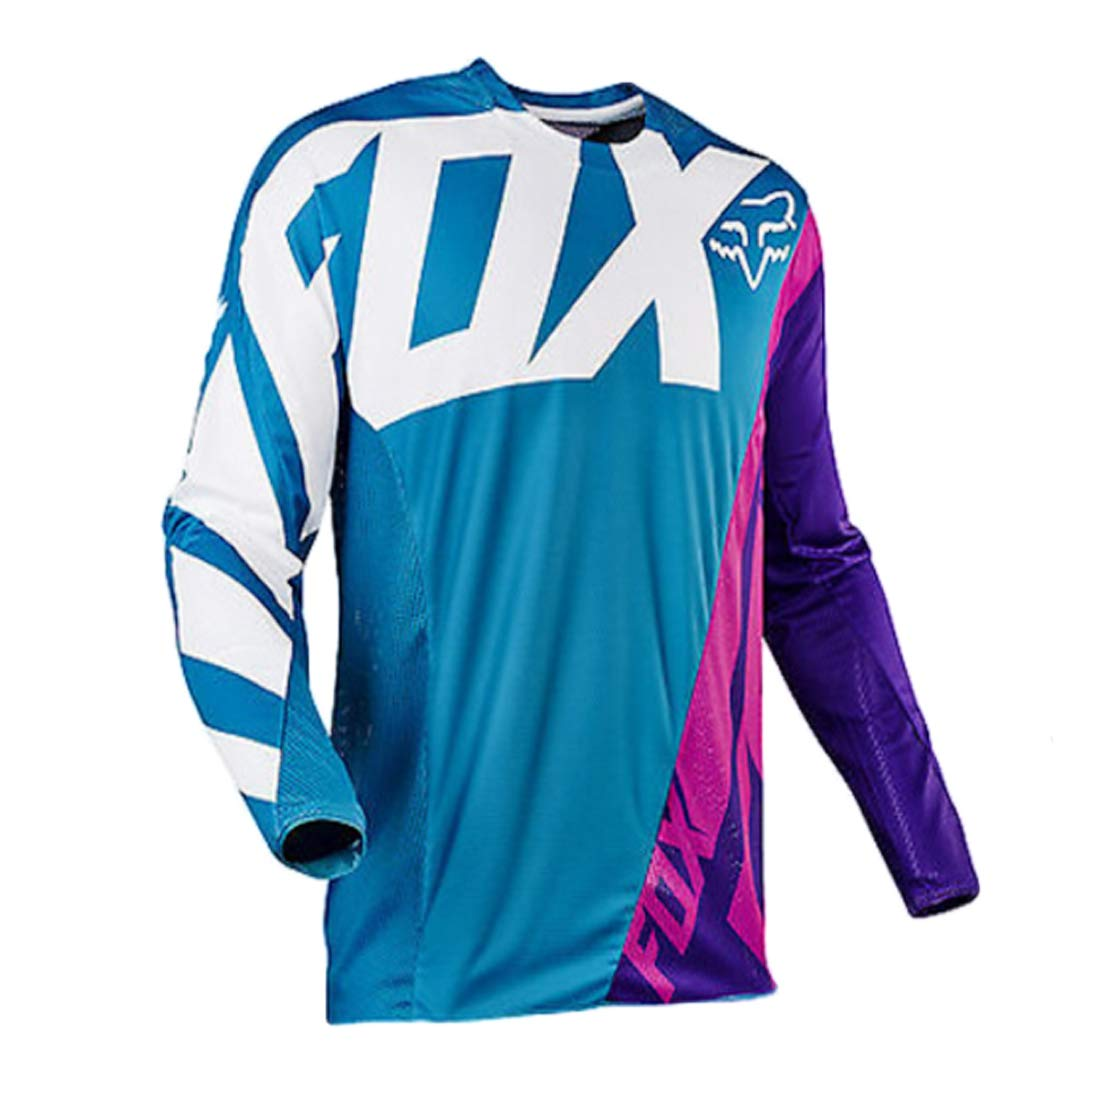 YSYFZ MTB Jersey Outdoor Ciclismo Sportivo Tuta da Equitazione Camicia a Maniche Lunghe Fuoristrada Servizio di Moto a Maniche Lunghe T-Shirt Downhill Tuta Sportiva off-Road Uomo